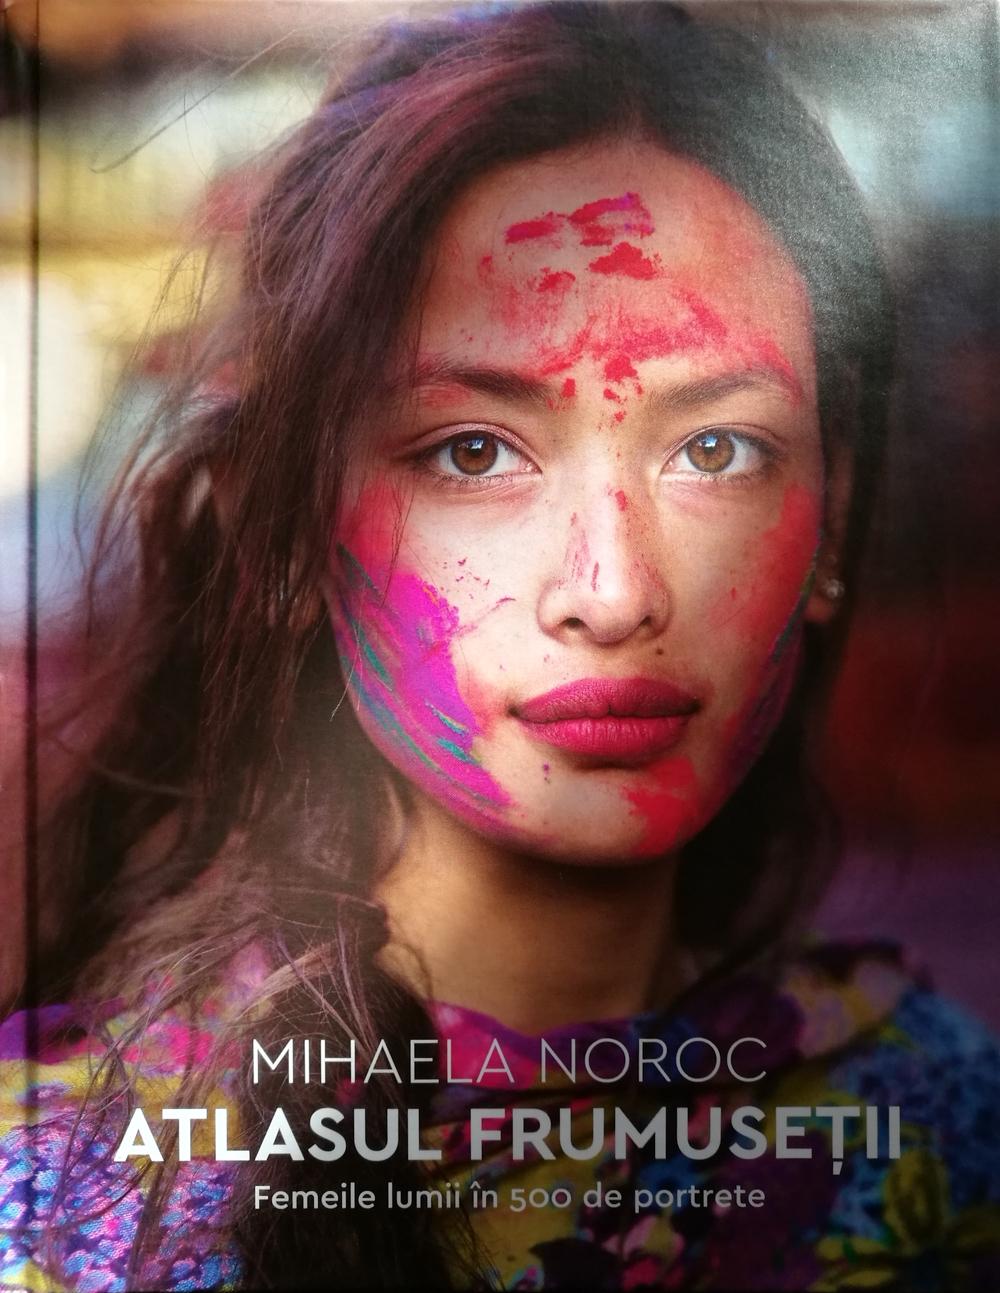 Atlasul frumusetii